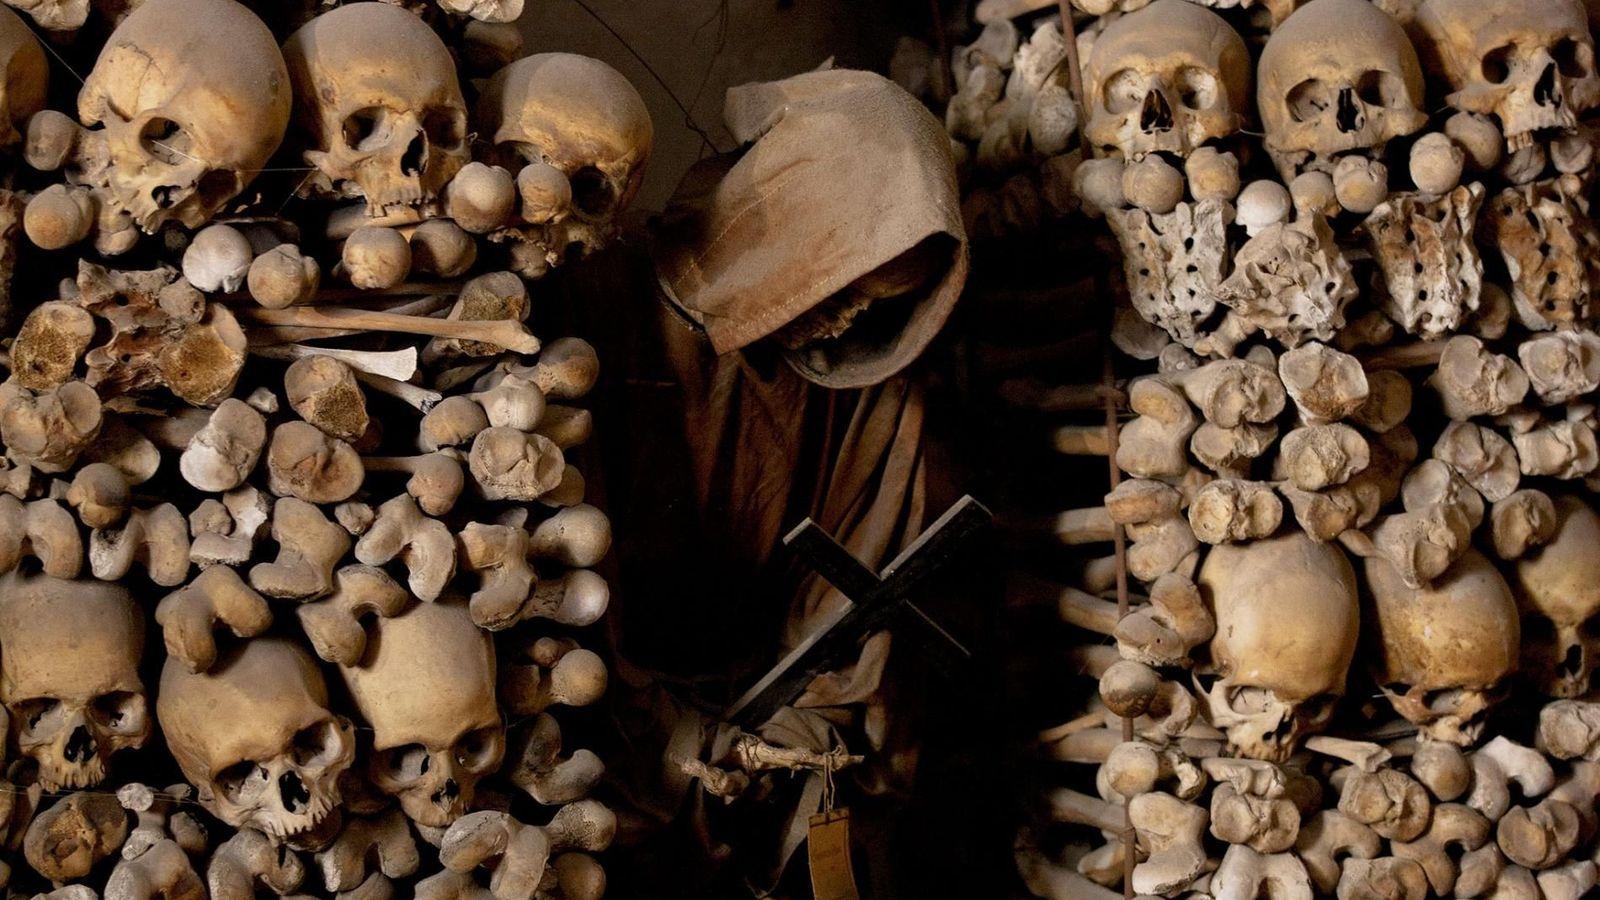 Catacombes des capucins, Italie - Les restes de plus de 2 000 individus reposent dans les catacombes de ce ...